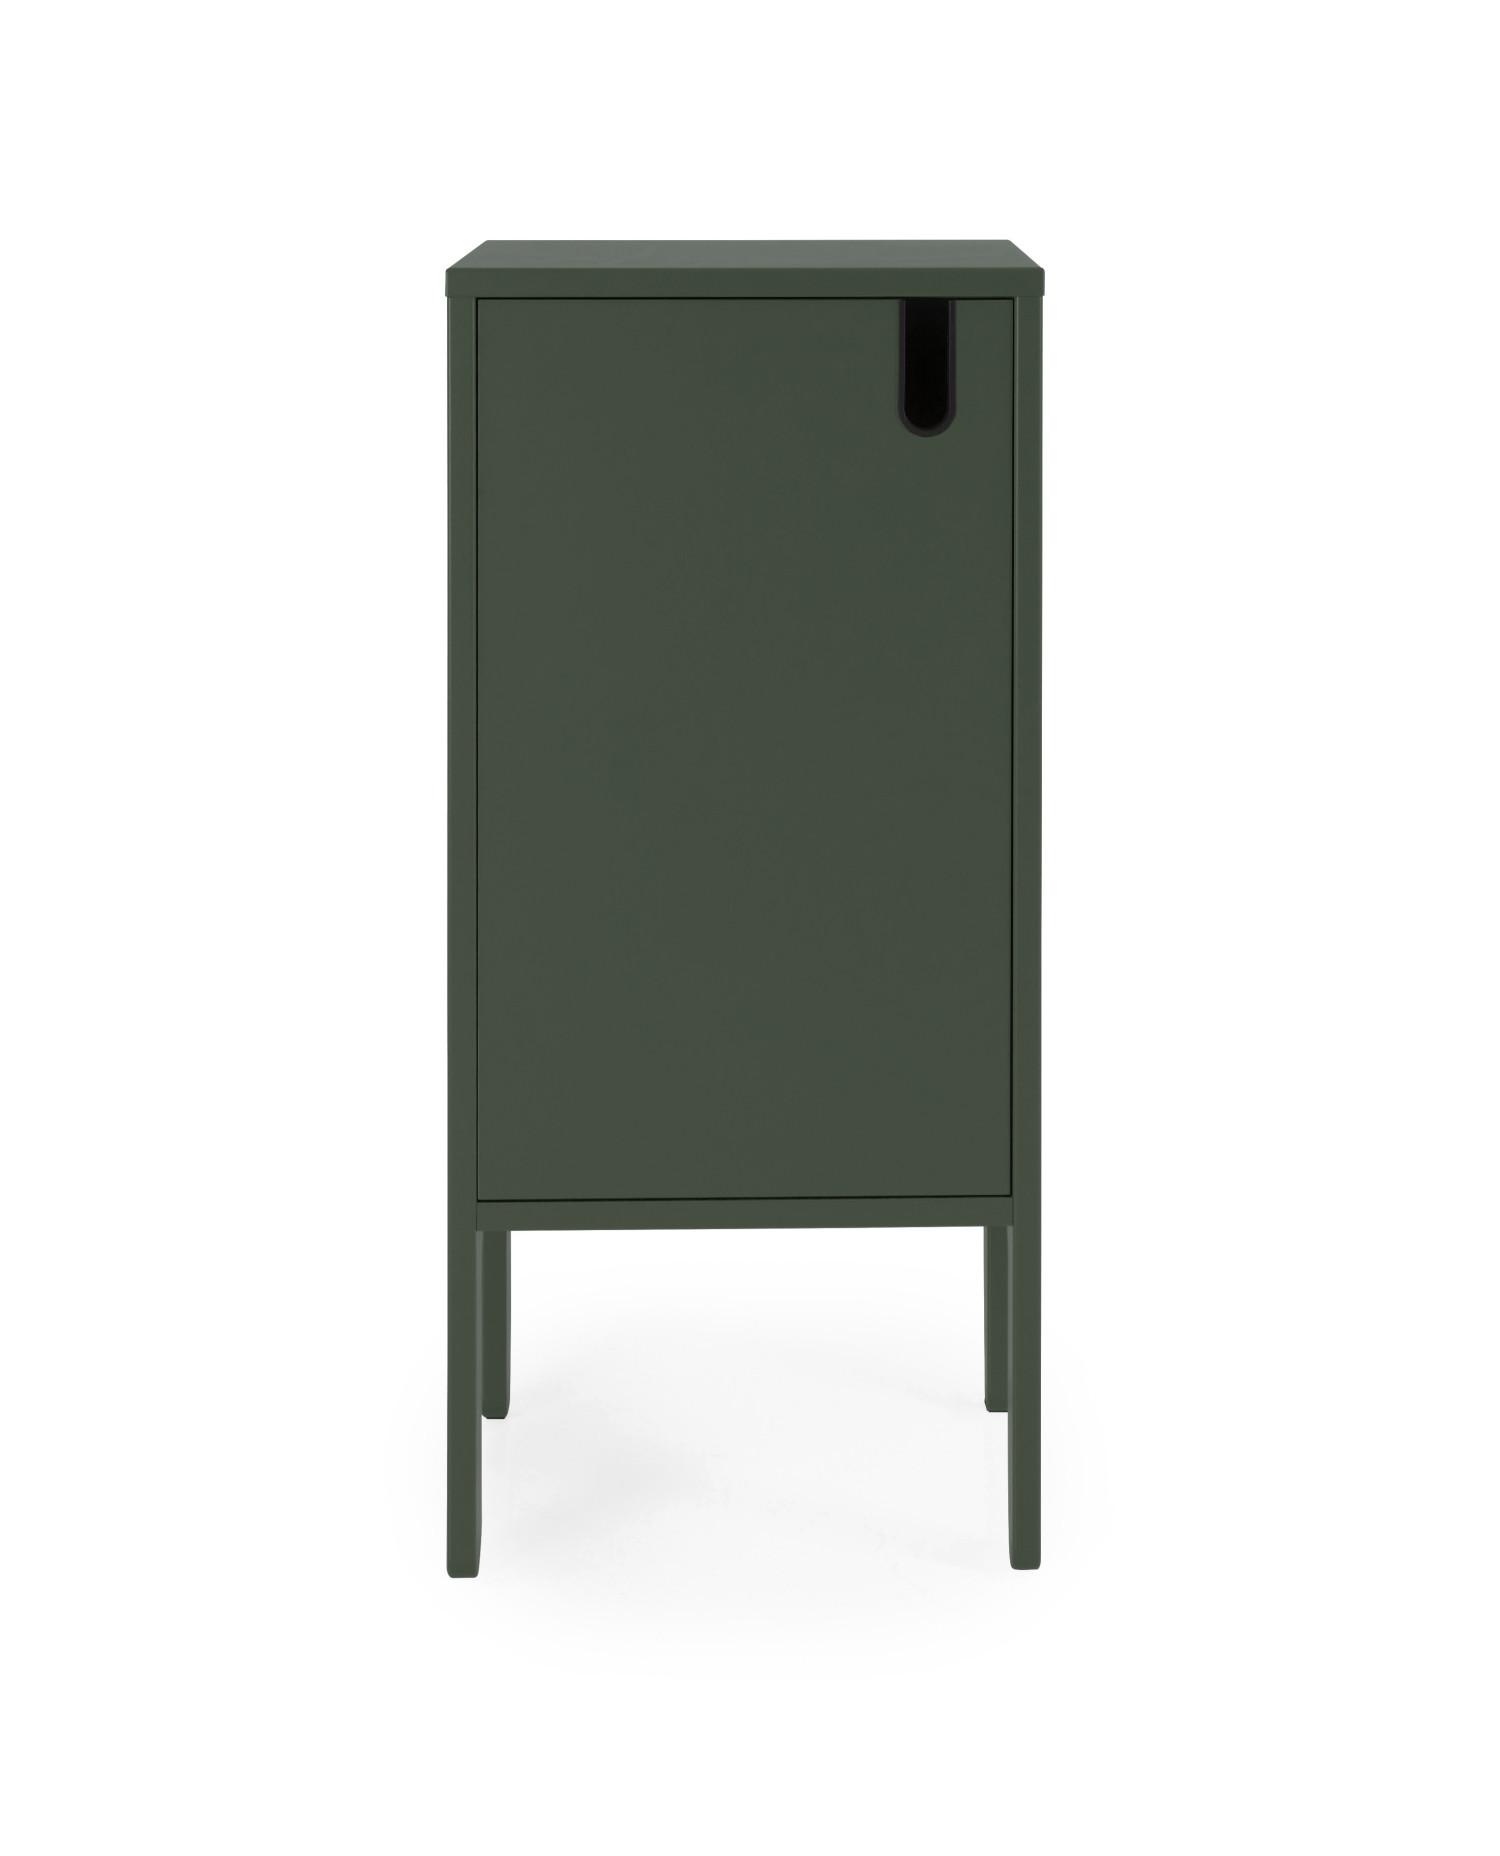 Meget Lille skab en grågrøn farve med 1 dør og 2 hylder. 40 cm bredt og TT15